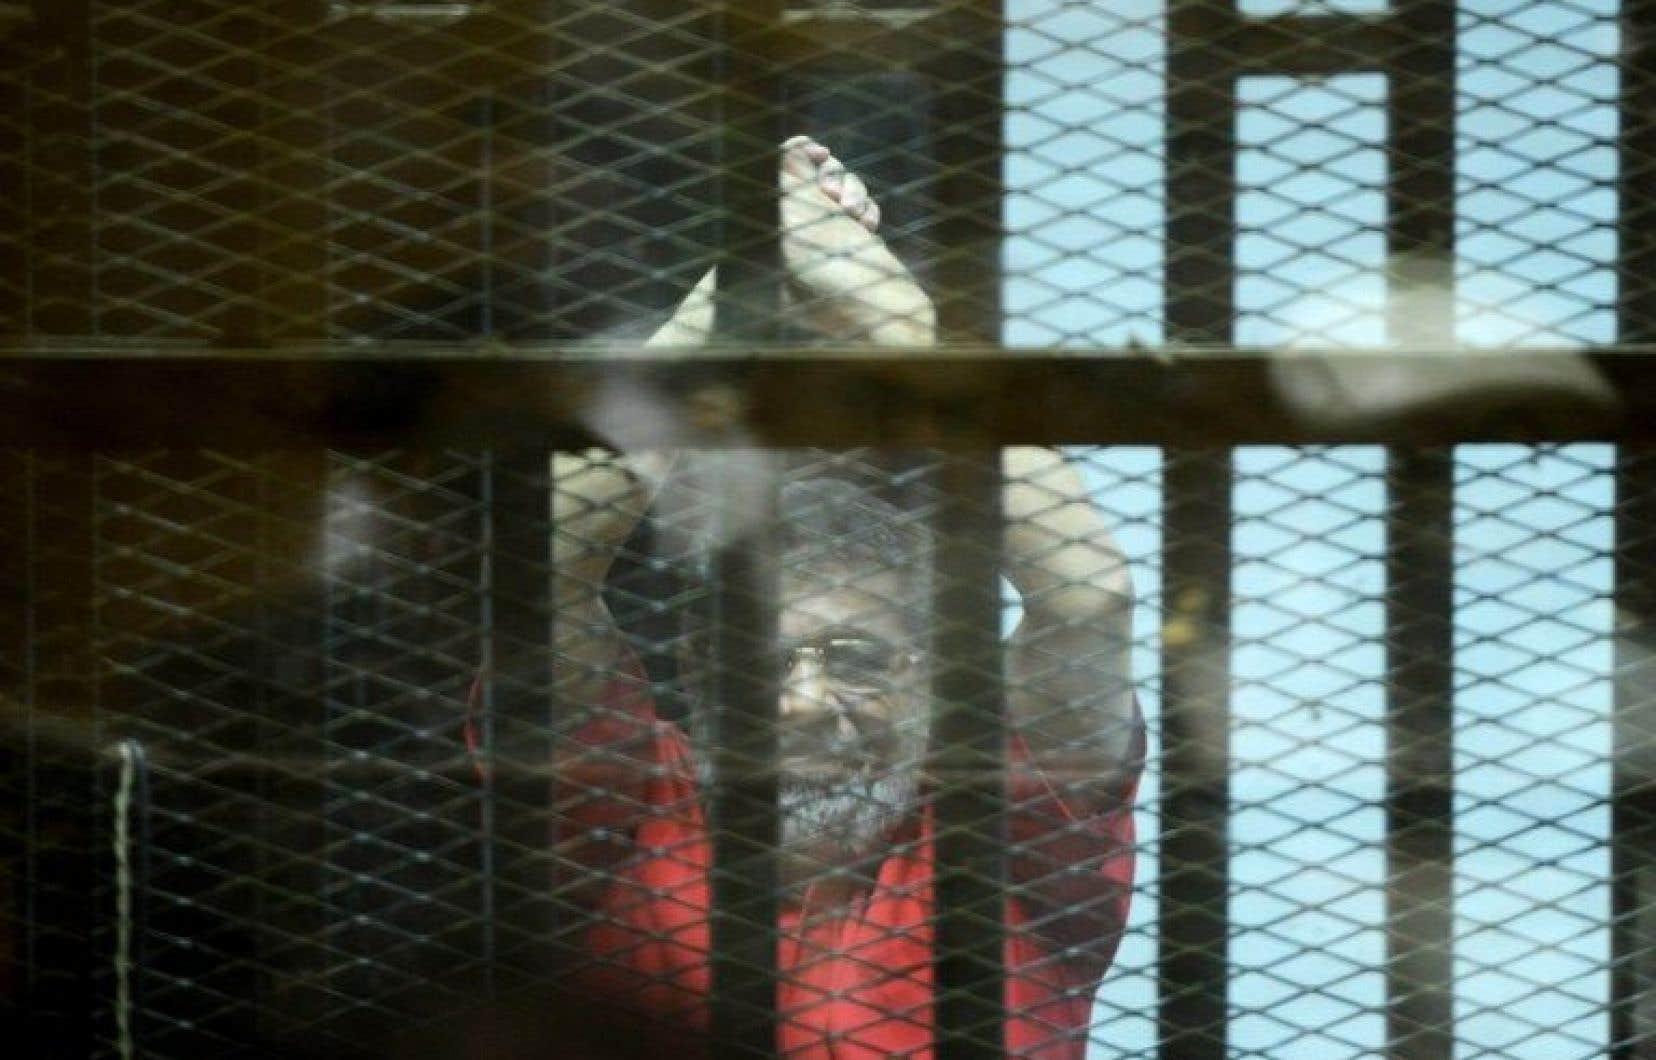 M.Morsi avait été condamné en avril2015, pour sa responsabilité dans des affrontements meurtriers qui ont éclaté à l'extérieur du palais présidentiel, durant sa seule année au pouvoir.